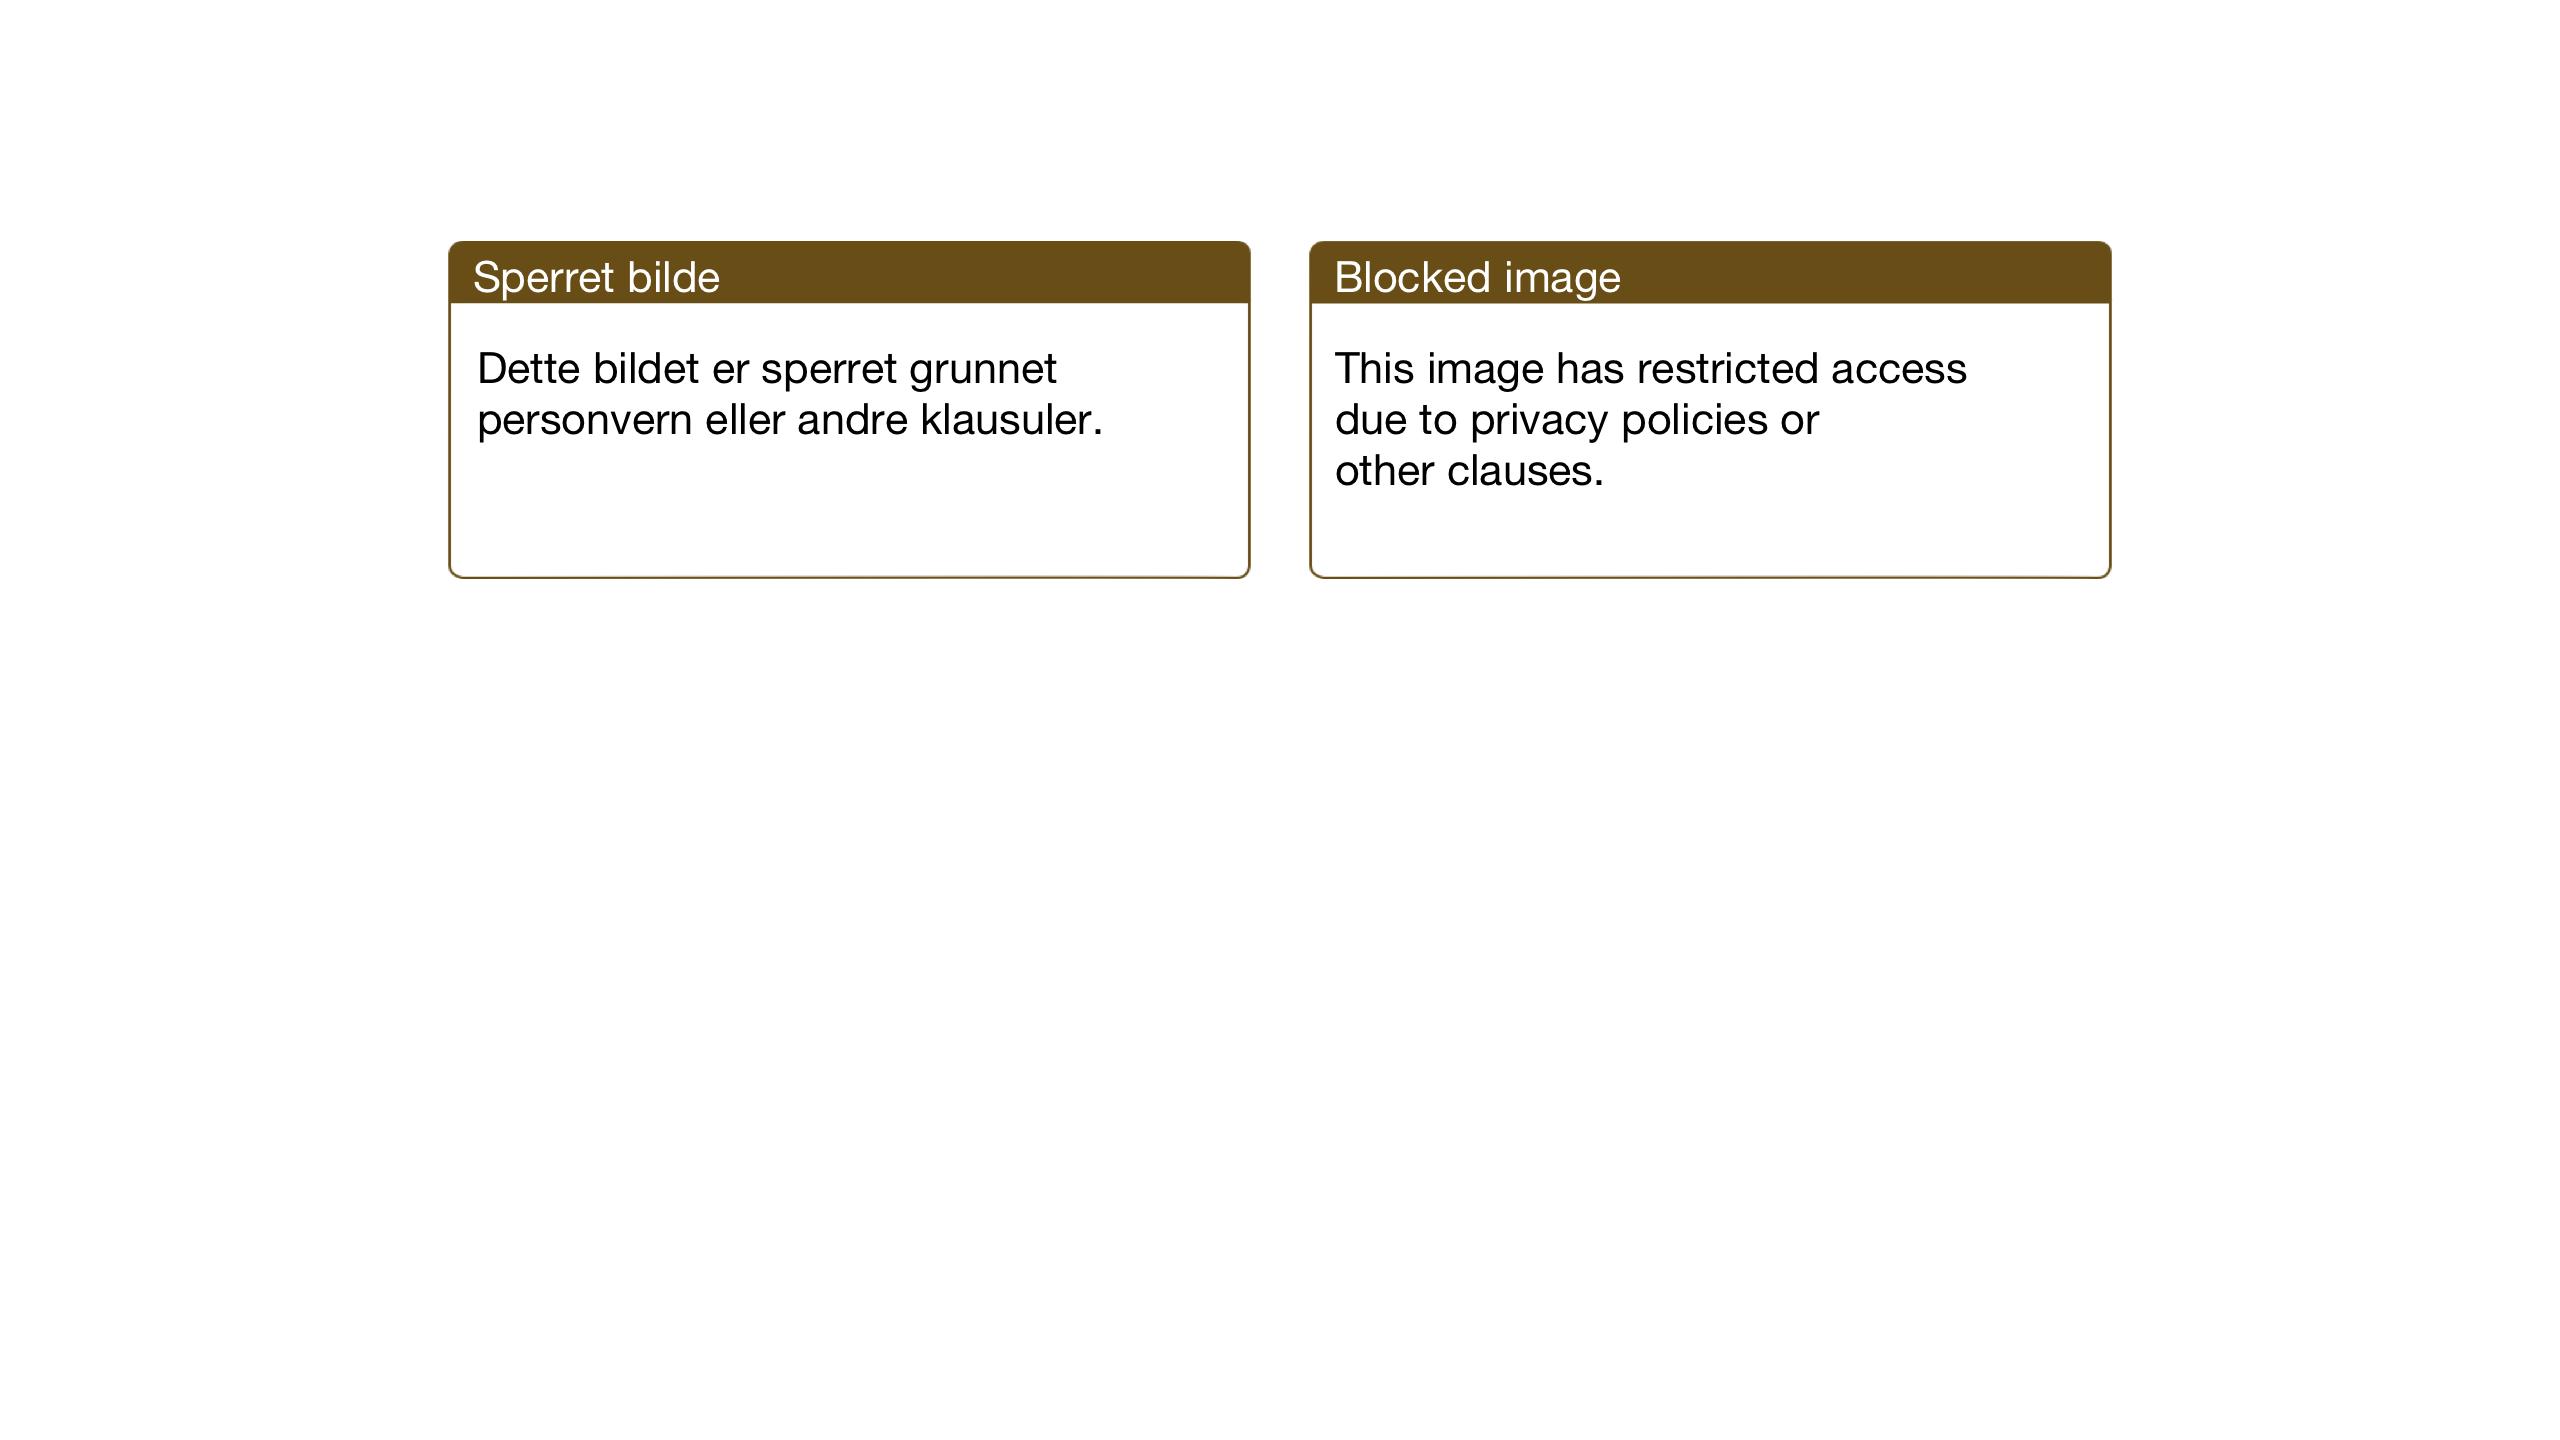 SAT, Ministerialprotokoller, klokkerbøker og fødselsregistre - Sør-Trøndelag, 662/L0758: Klokkerbok nr. 662C03, 1918-1948, s. 283